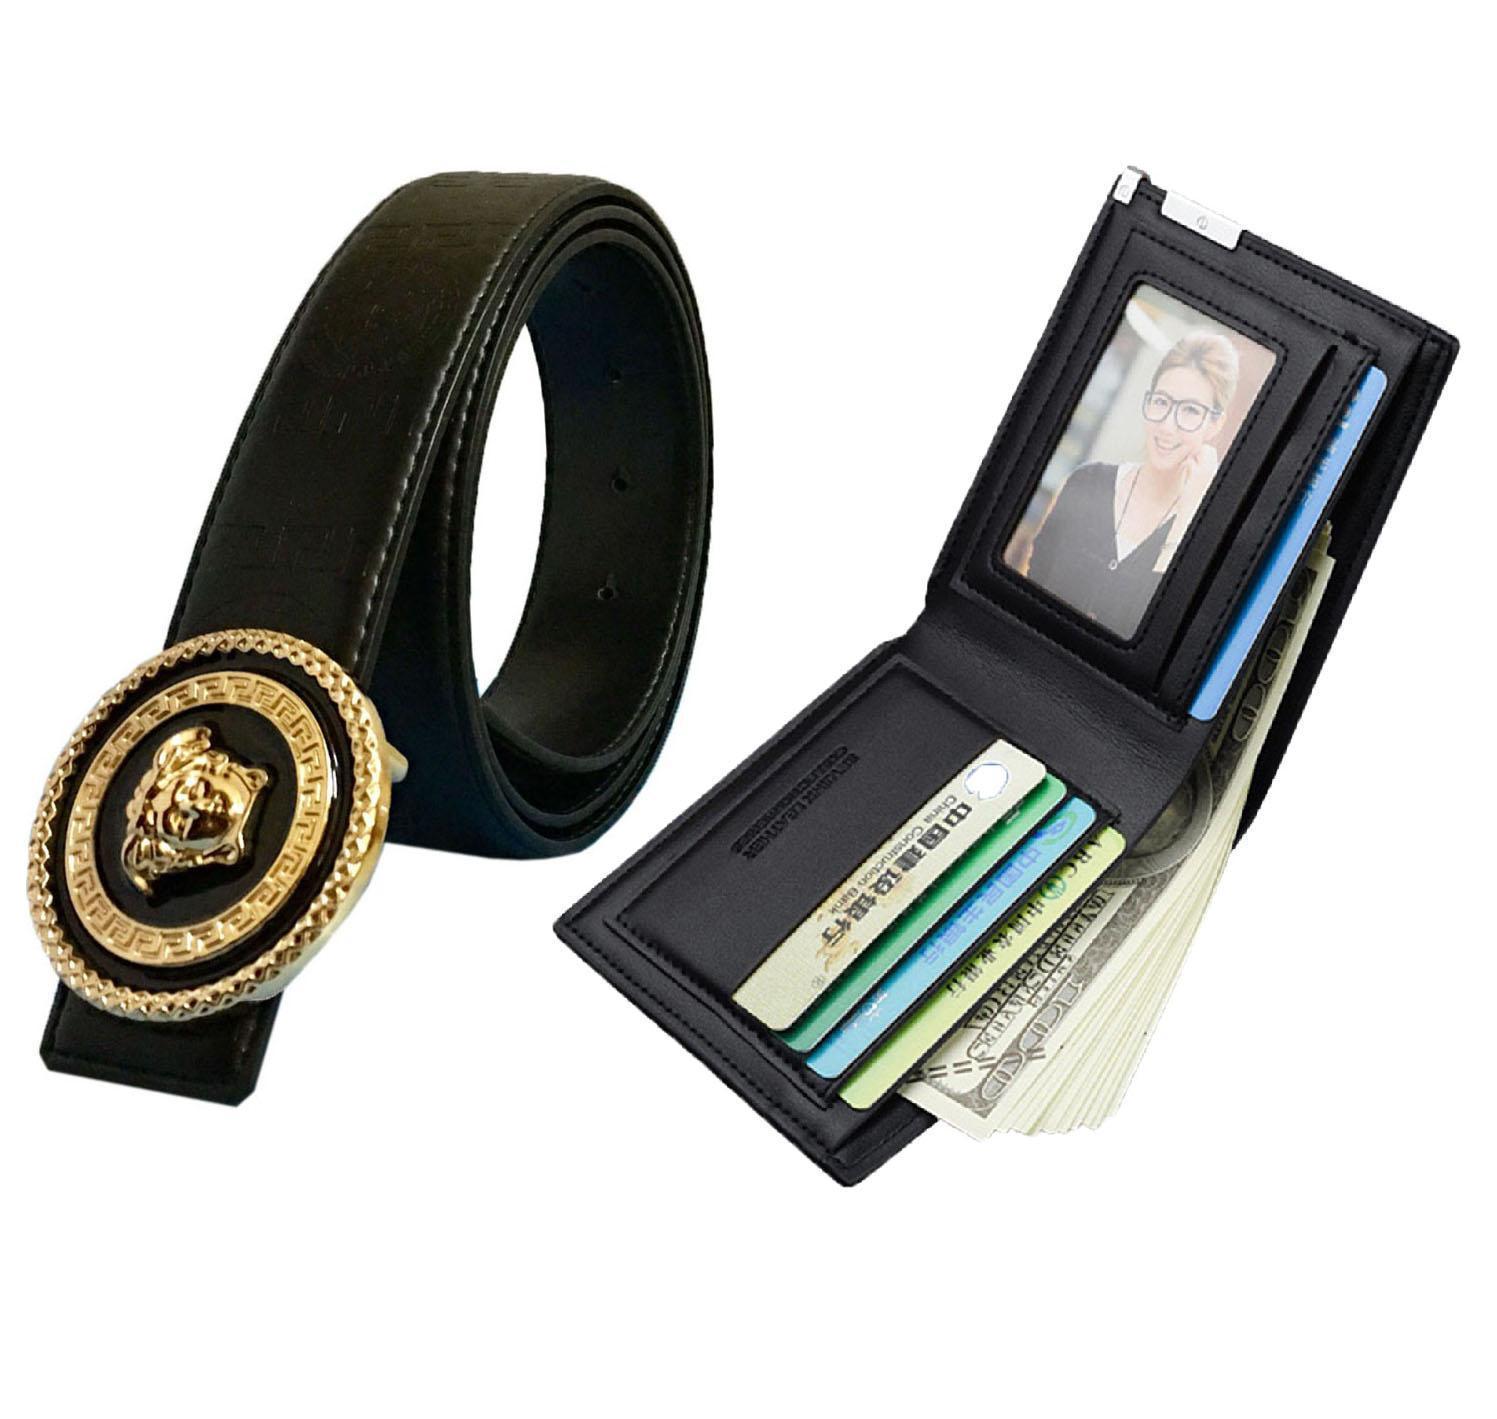 Combo dây thắt lưng nam, dây nịt nam mặt tròn VS668 hợp kim mạ vàng cực sang và ví bóp nam da cao cấp lịch lãm ( Dây đen )